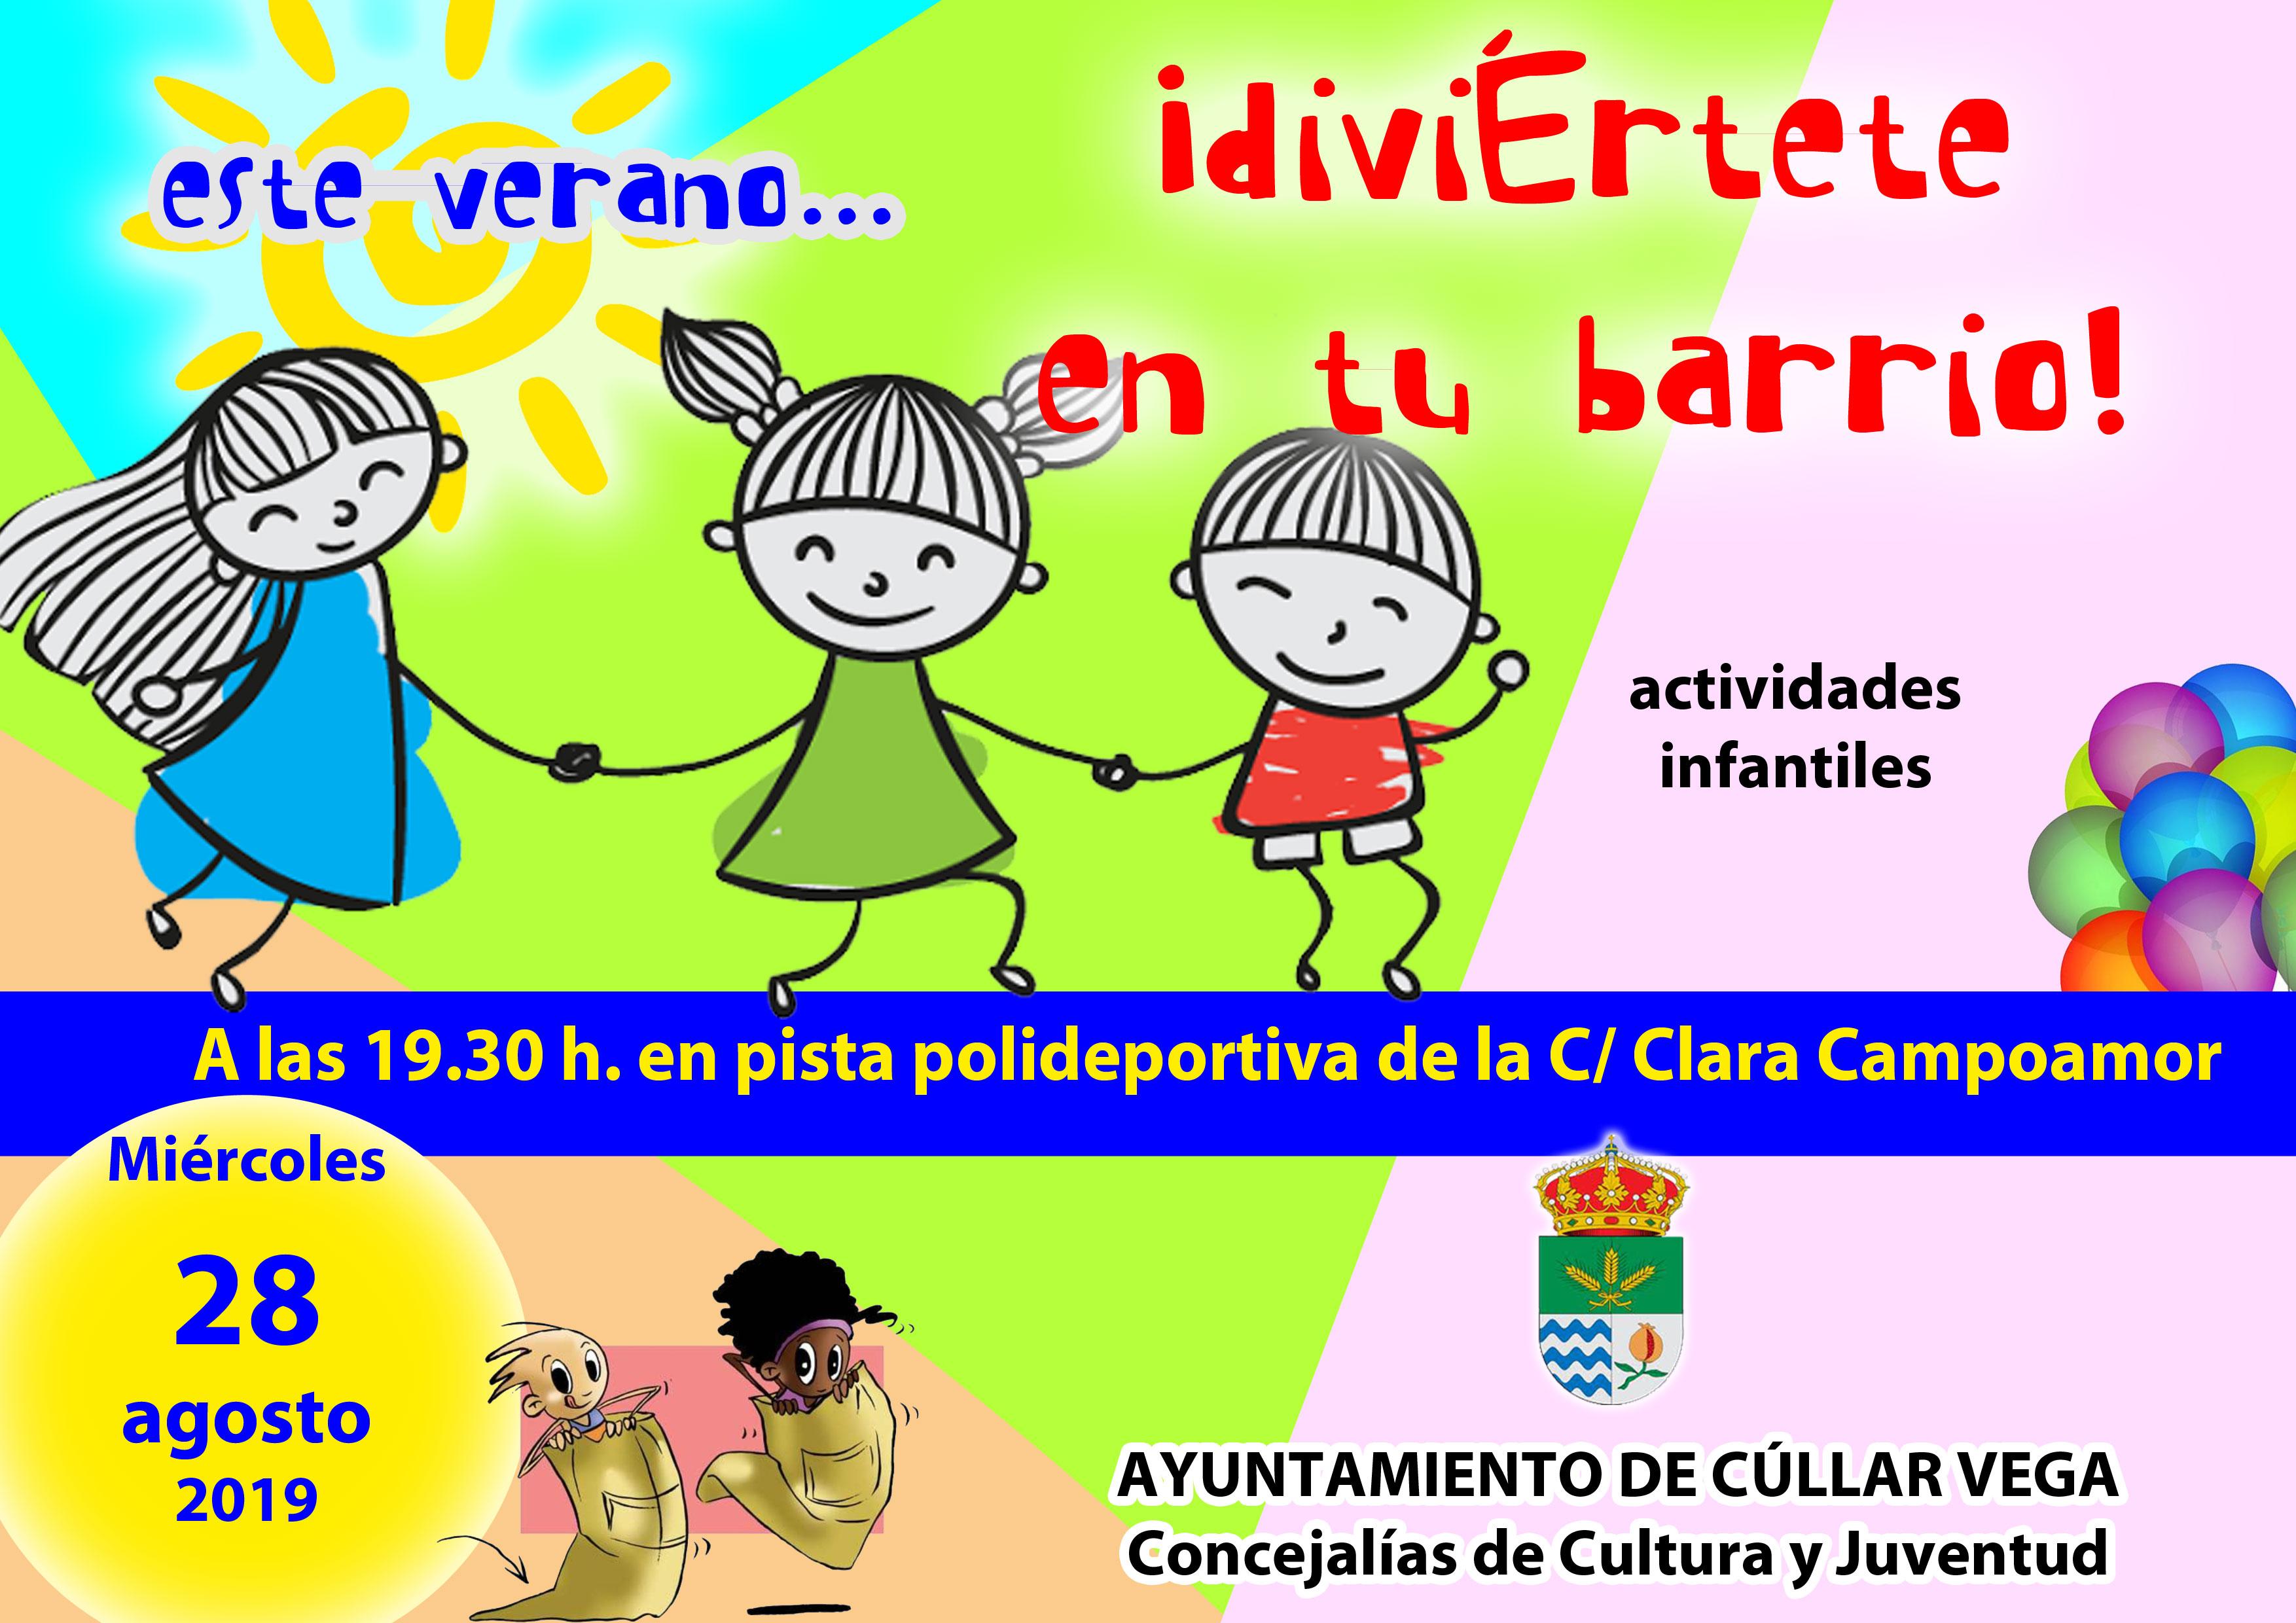 ¡Diviértete en tu barrio! Calle Clara Campoamor (Los 40)